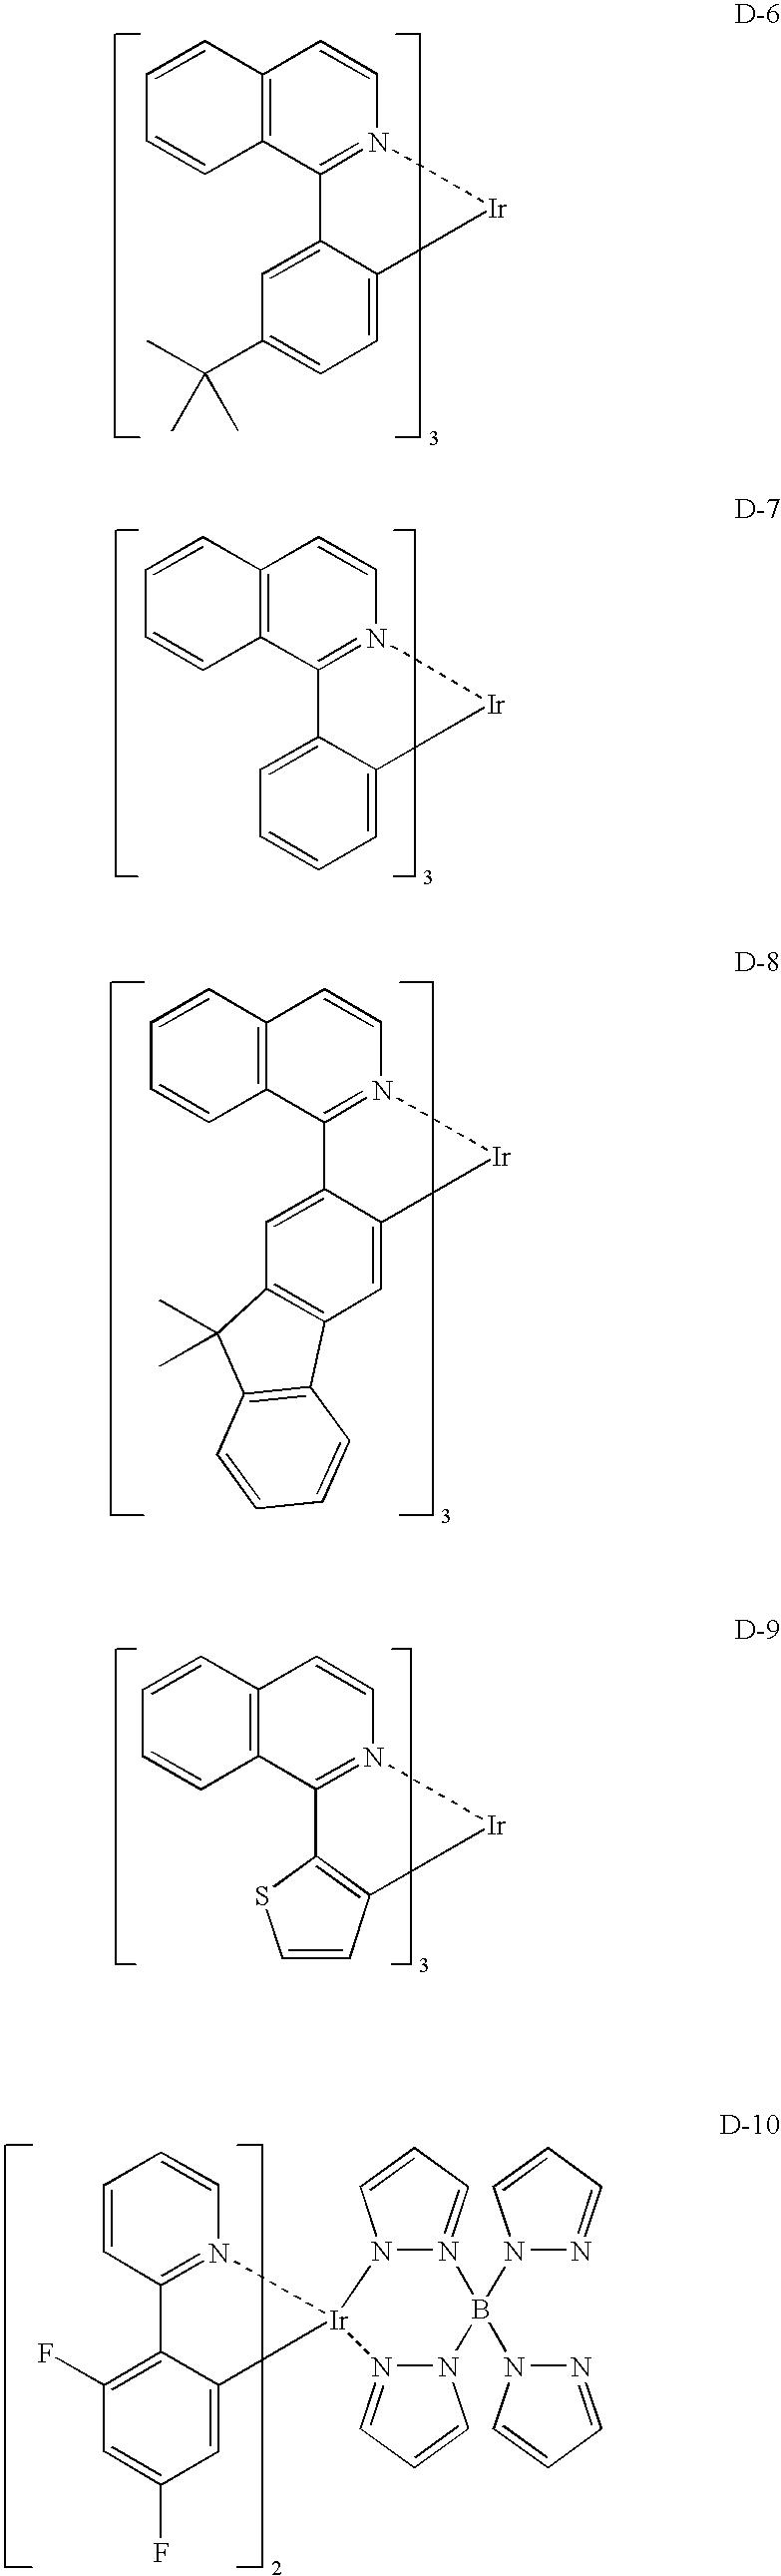 Figure US20090001360A1-20090101-C00002